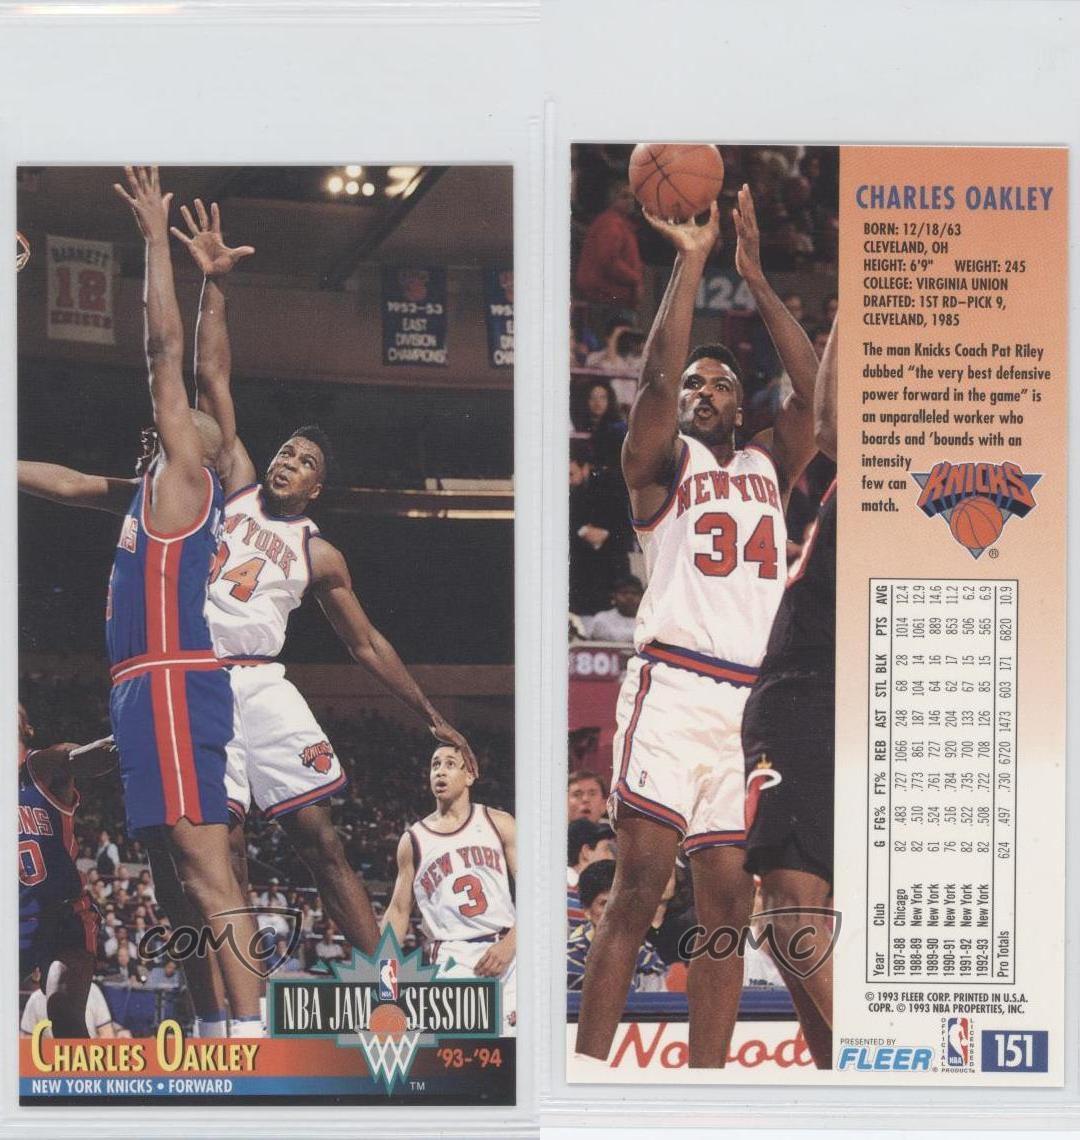 1993-94 NBA Jam Session #151 Charles Oakley New York